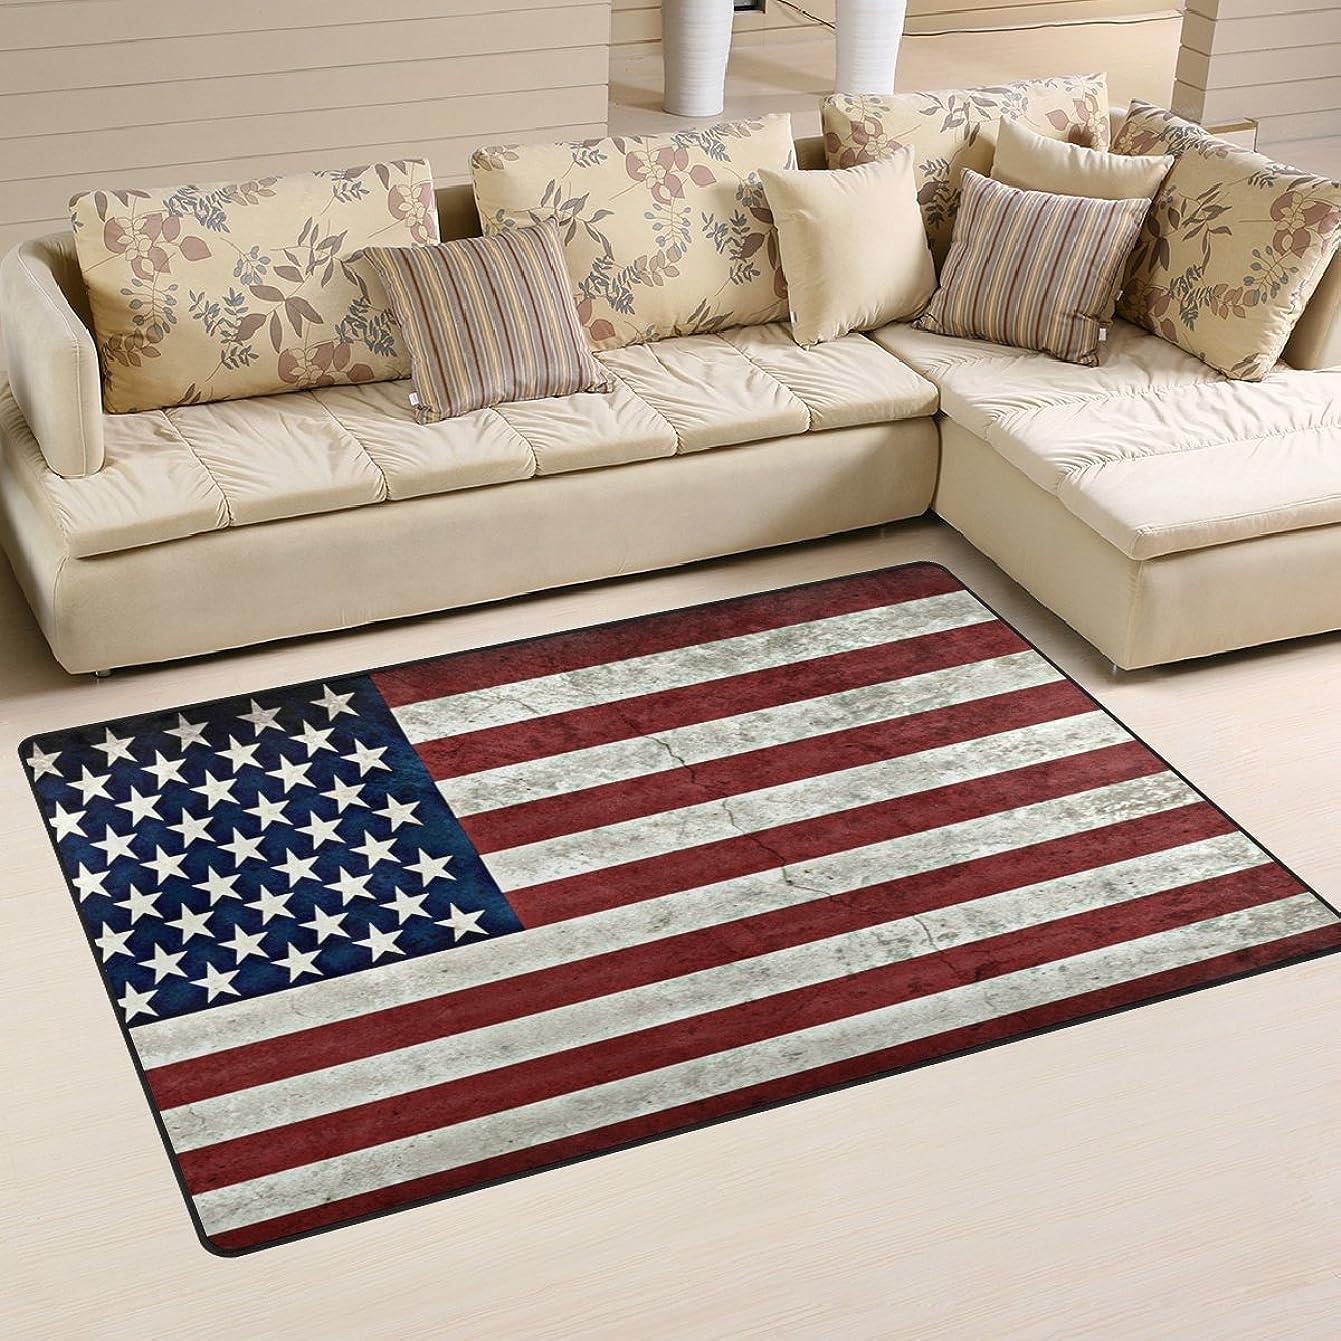 業界毎週鳴らすバララ(La Rose) ラグ カーペット マット 洗える おしゃれ 滑り止め 絨毯 アメリカ 国旗 絵柄 ホットカーペット ウォッシャブル 心地よいサラふわ触感 折り畳み可 床暖房 対応 約幅79x51cm